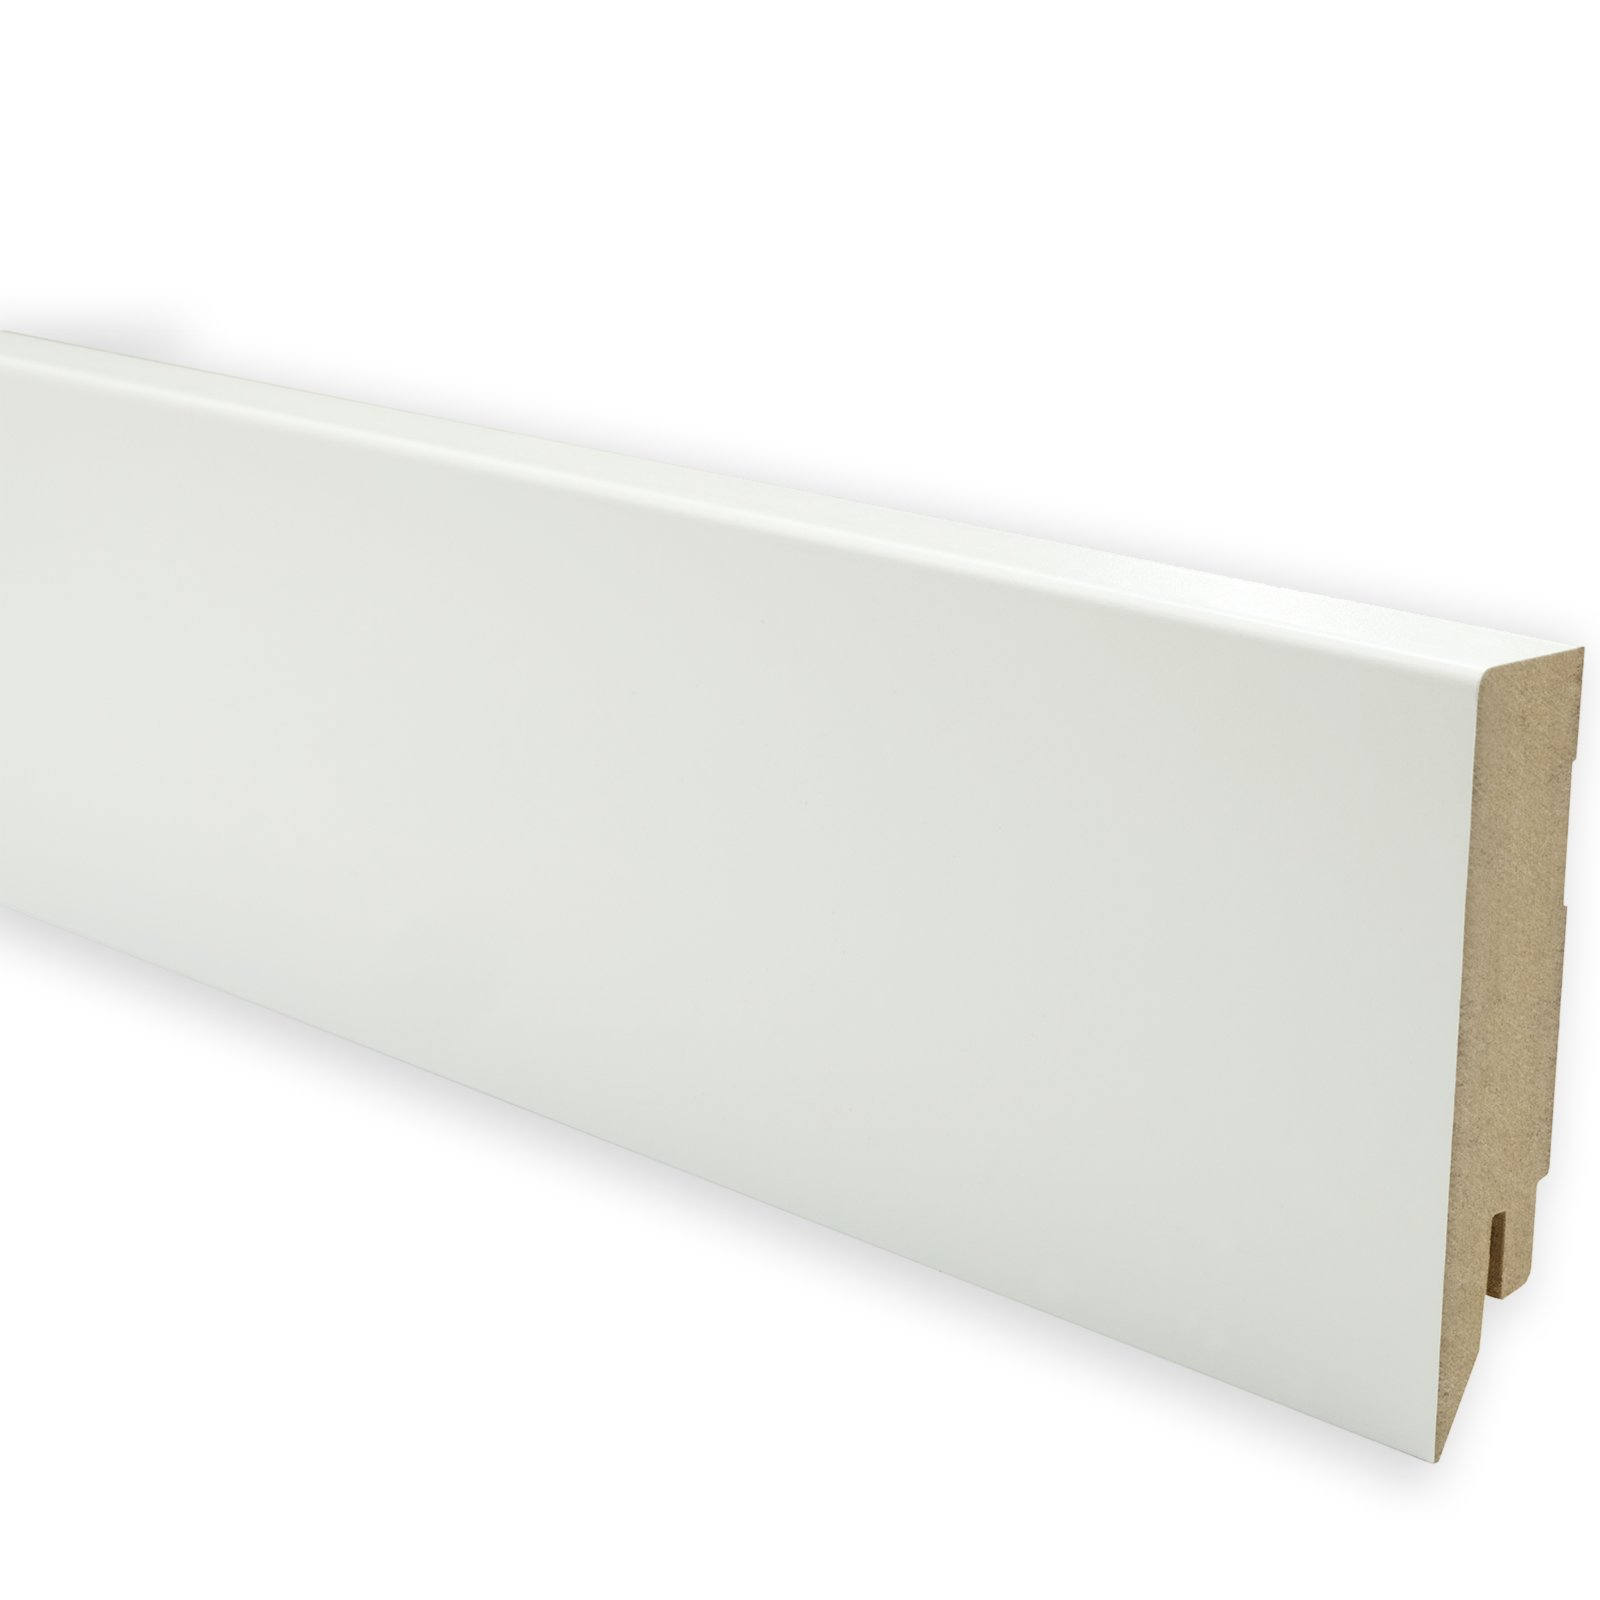 Bekannt Sockelleiste - weiß - 80 mm hoch | Online bei ROLLER kaufen AH78